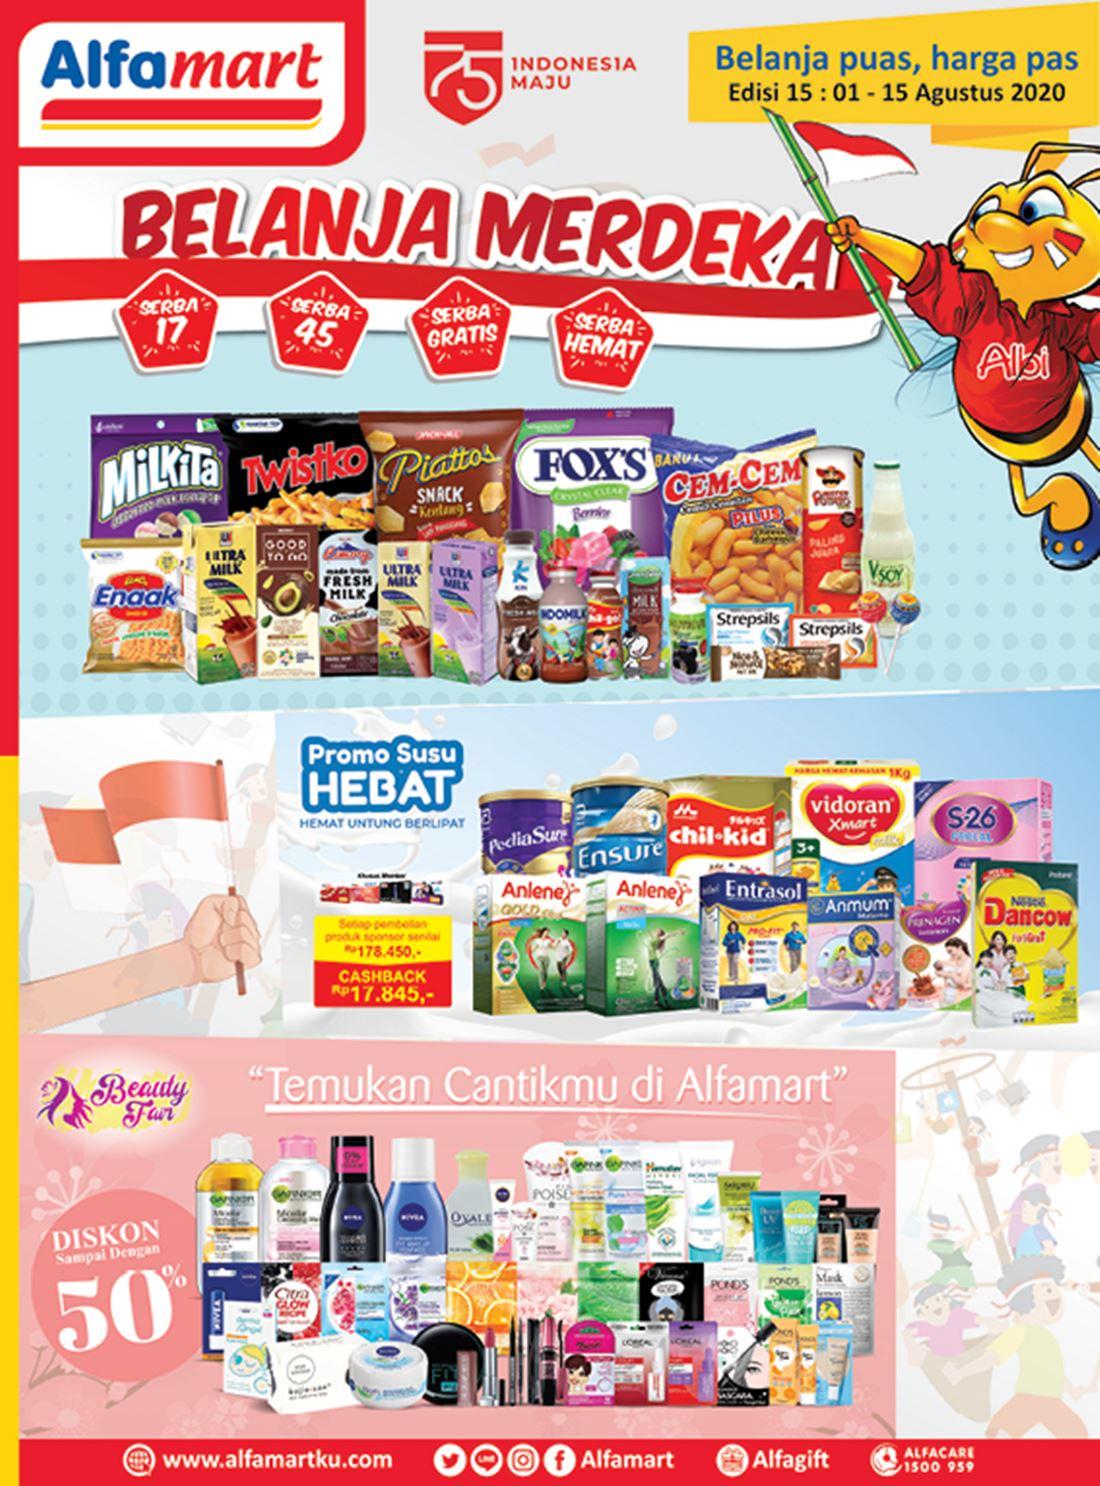 Hargapromo Net Katalog Promosi Alfamart Terbaru 16 30 November 2020